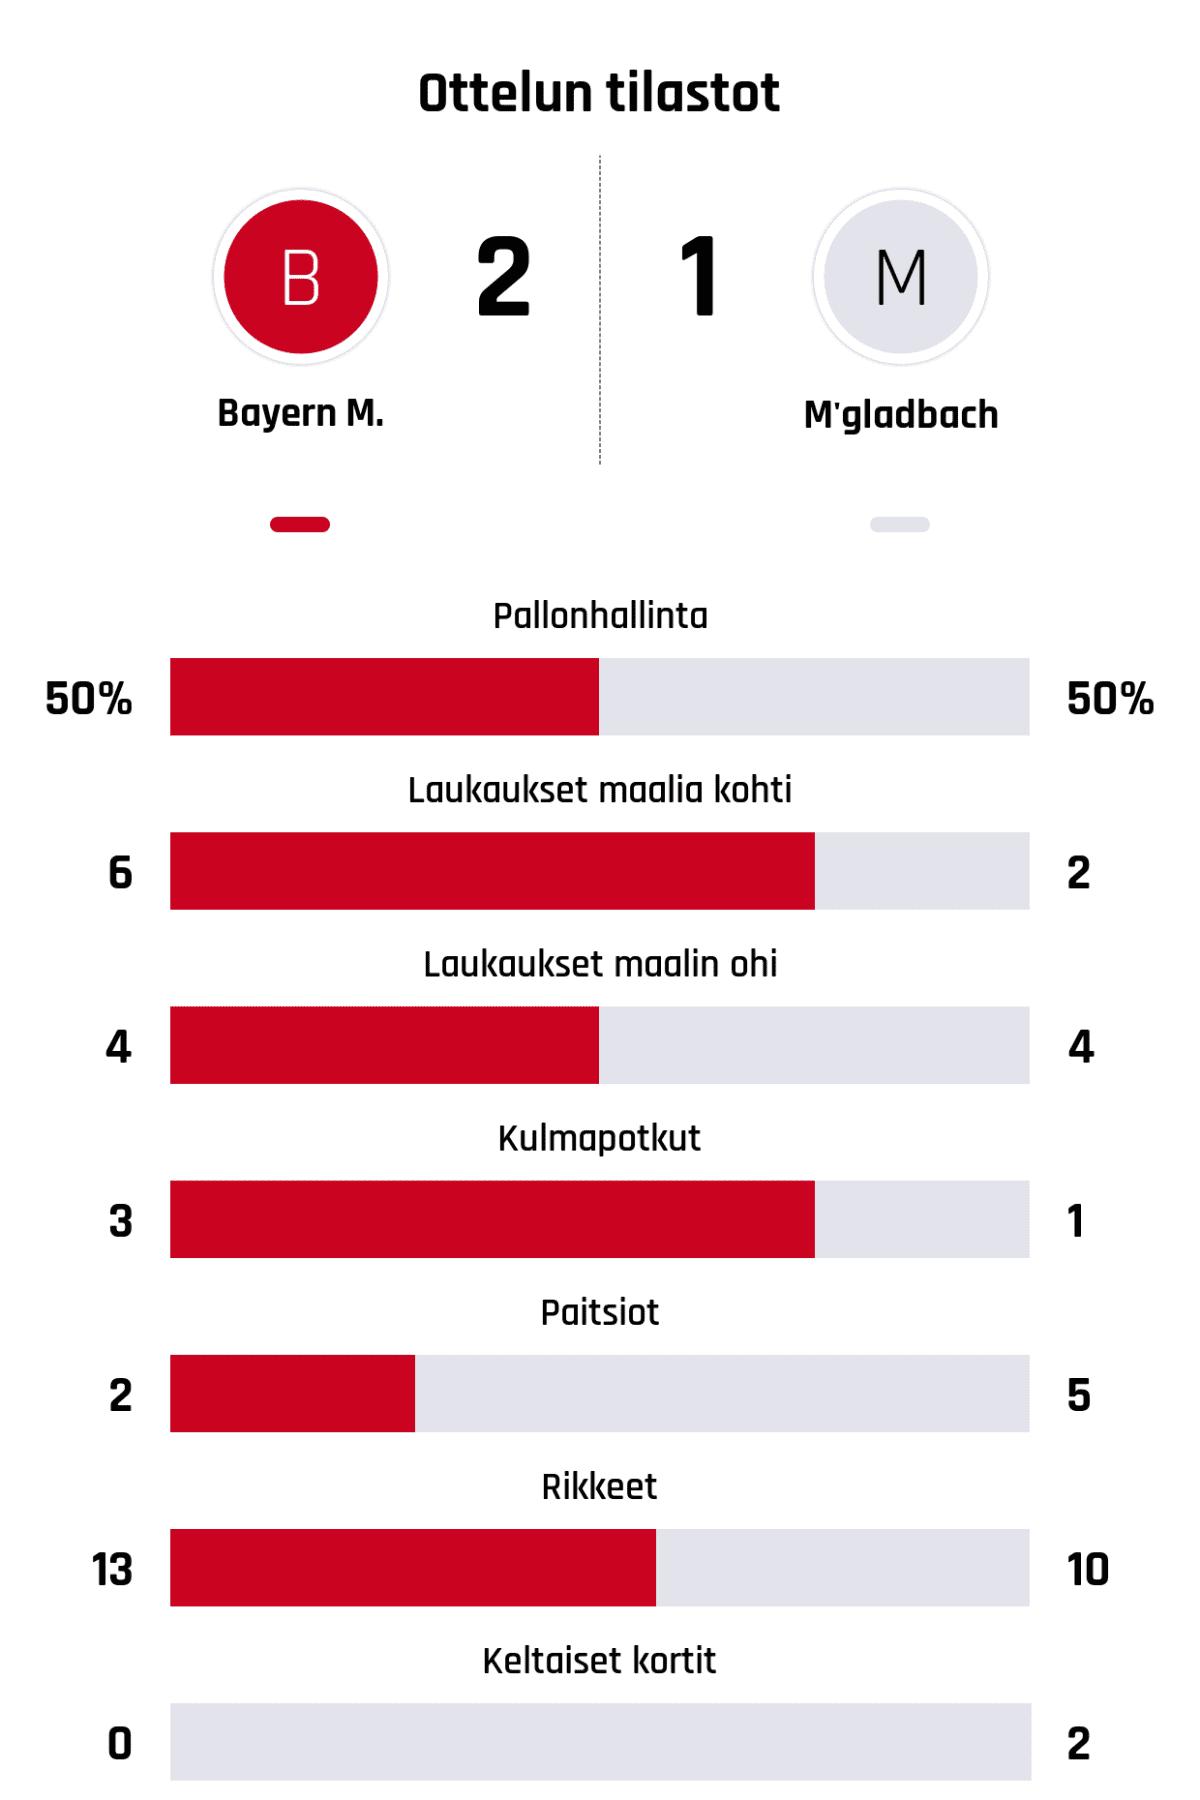 Pallonhallinta 50%-50% Laukaukset maalia kohti 6-2 Laukaukset maalin ohi 4-4 Kulmapotkut 3-1 Paitsiot 2-5 Rikkeet 13-10 Keltaiset kortit 0-2